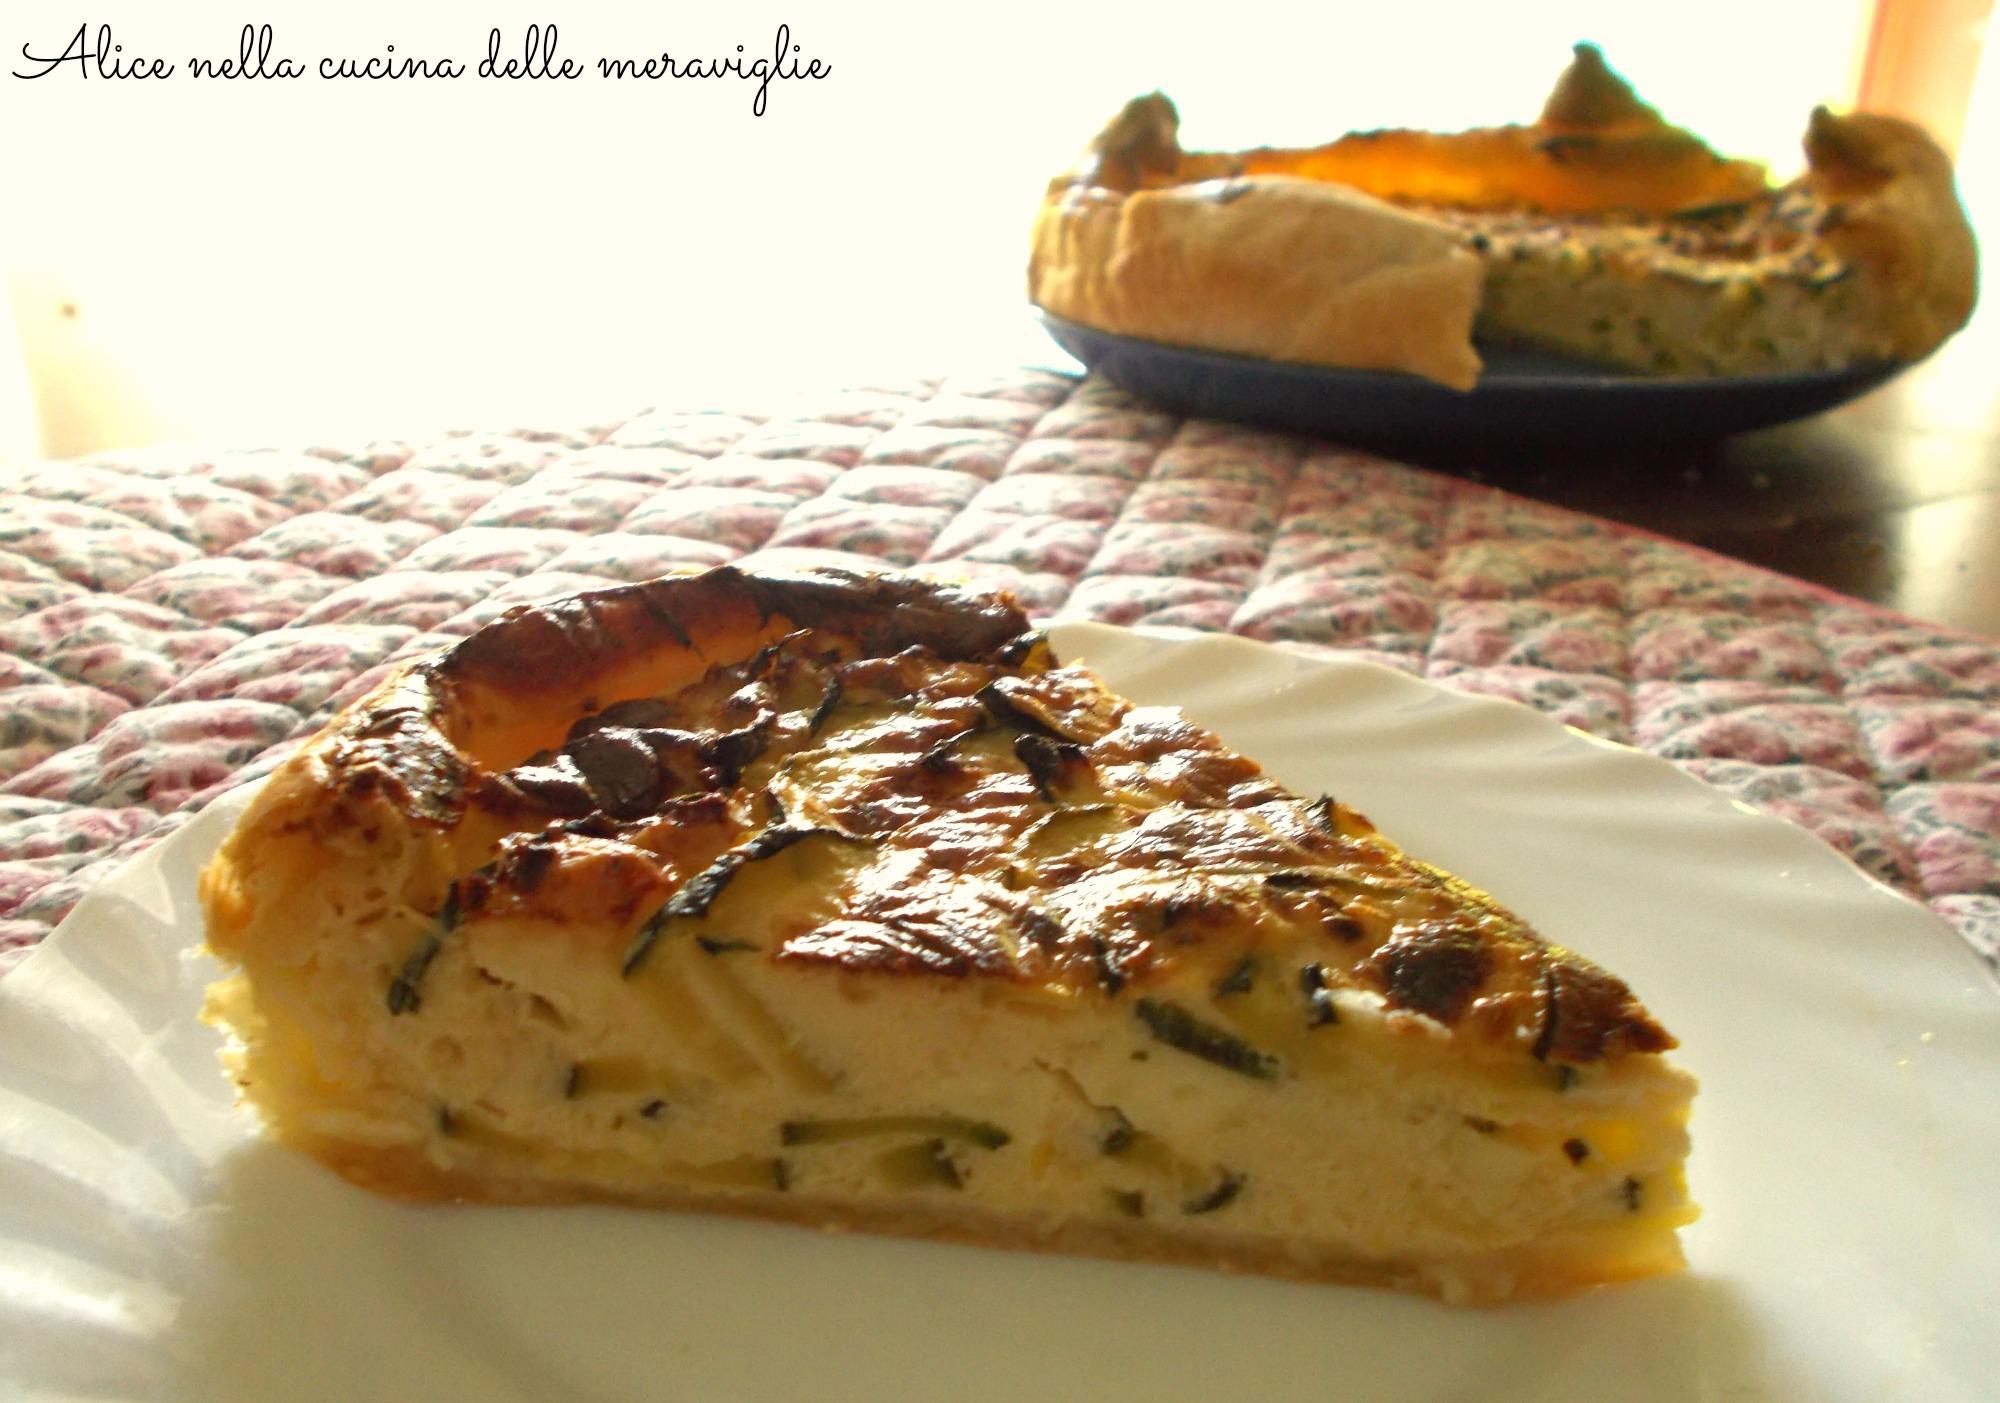 Quiche di zucchine Ricetta vegetariana Alice nella cucina delle meraviglie